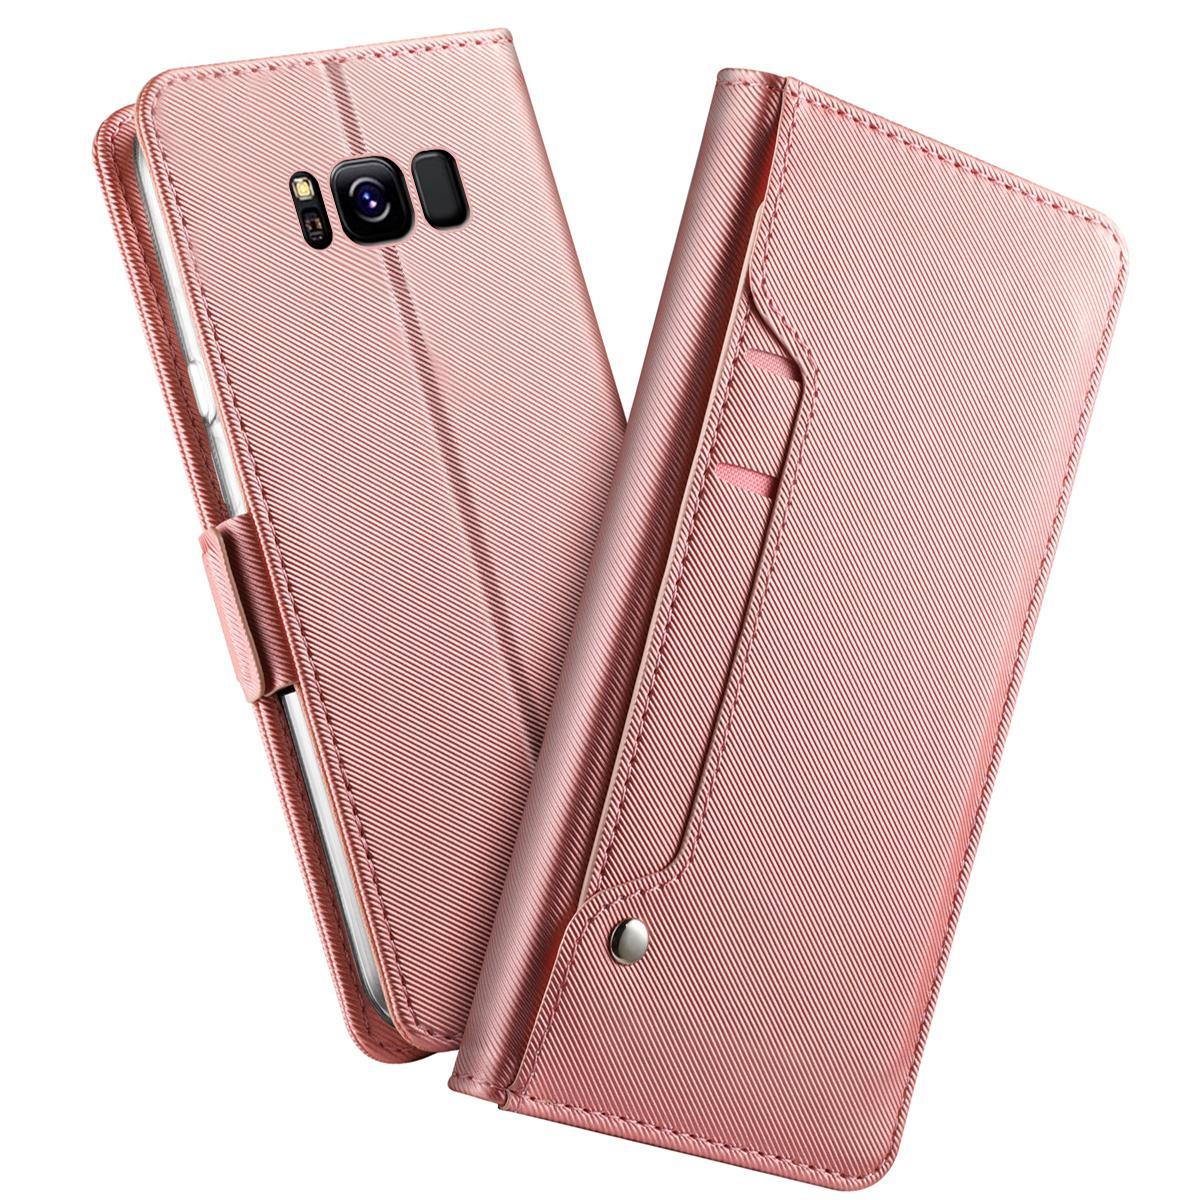 Plånboksfodral Spegel Galaxy S8 Rosa Guld